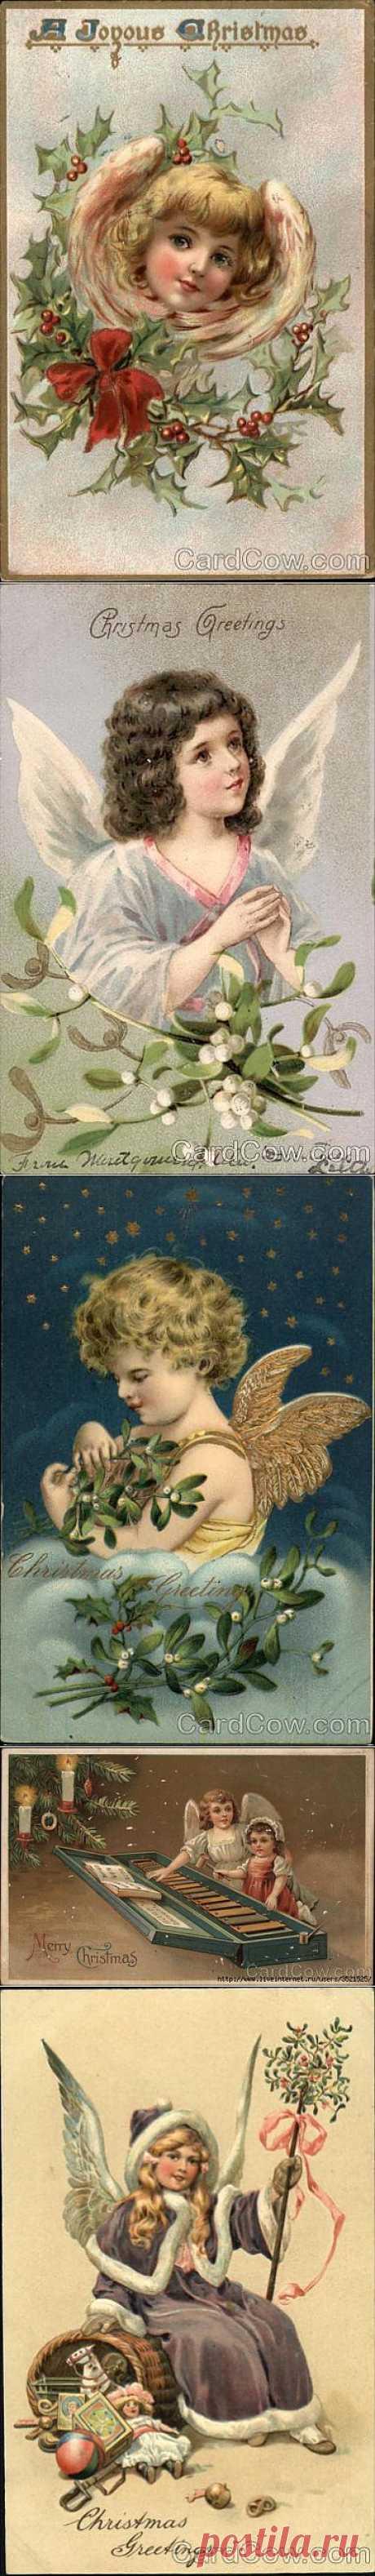 Рождественские ангелы со старых открыток-2.